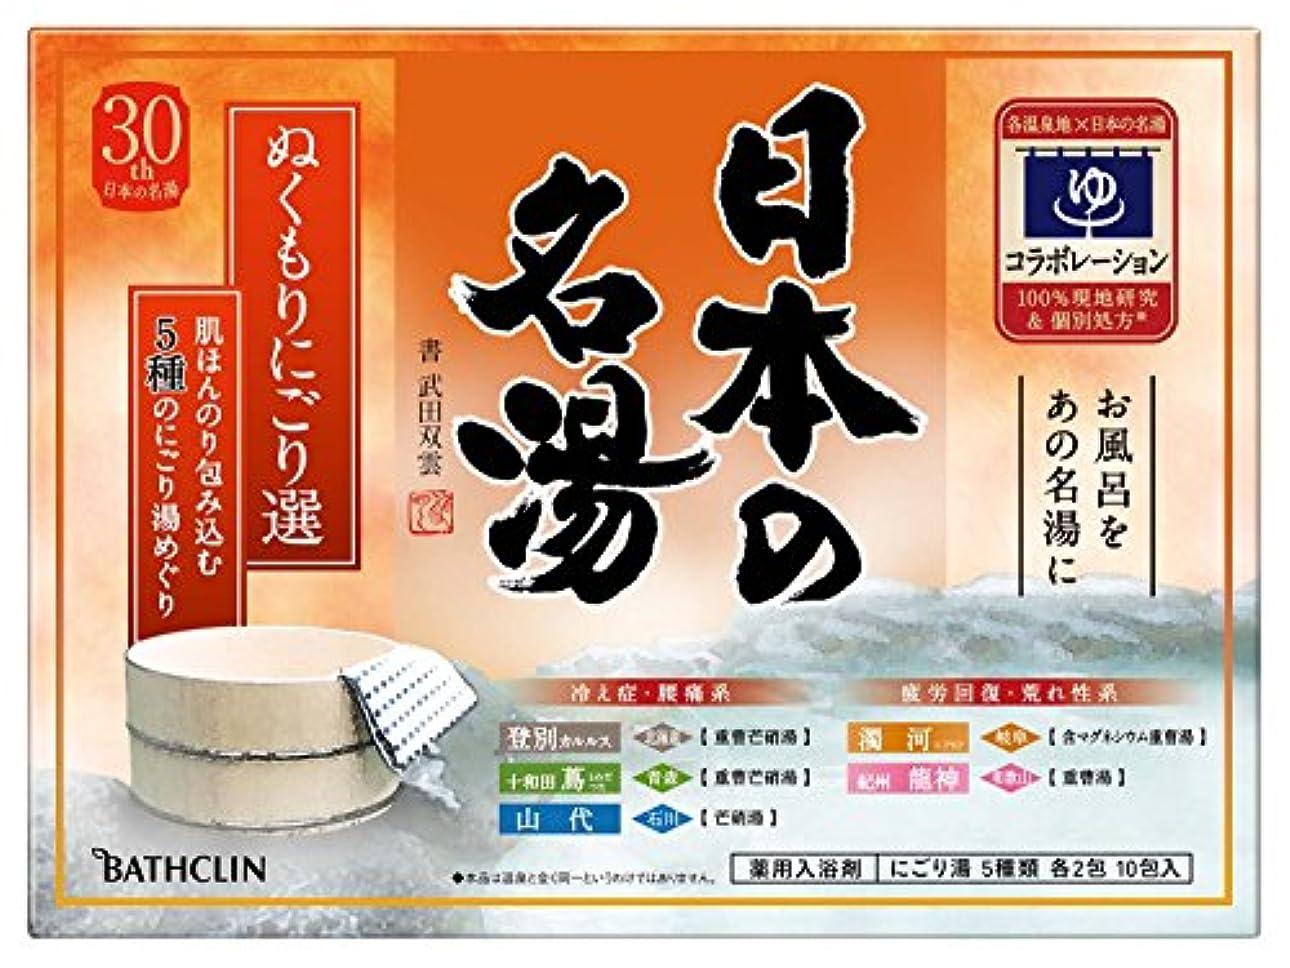 タクトうまくいけば人日本の名湯 ぬくもりにごり選 30g 10包入り 入浴剤 (医薬部外品)